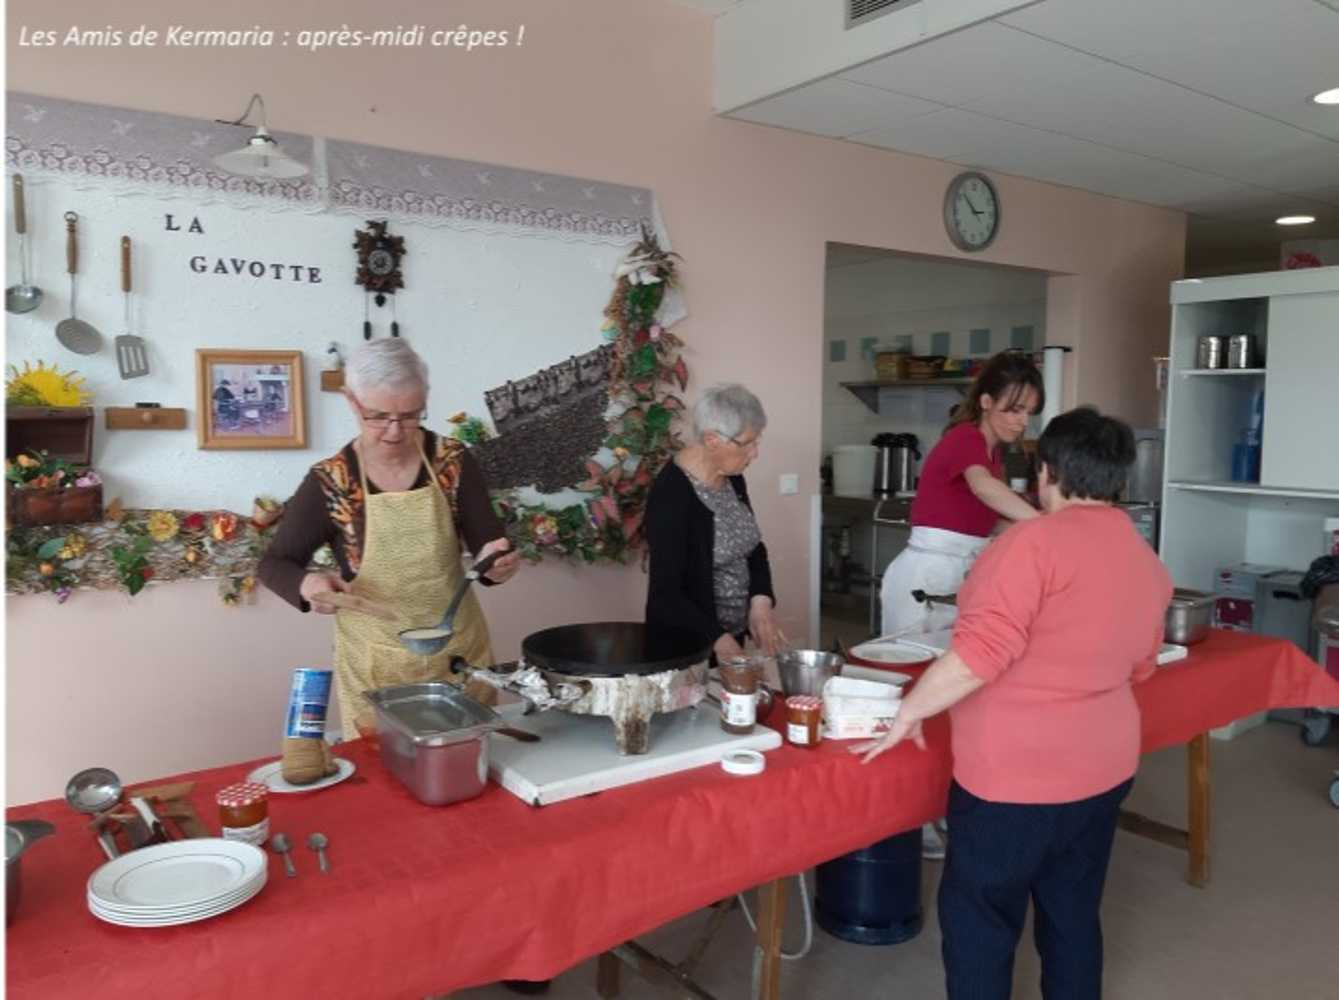 Les Amis de Kermaria : photos de l''après-midi crêpes ! image1